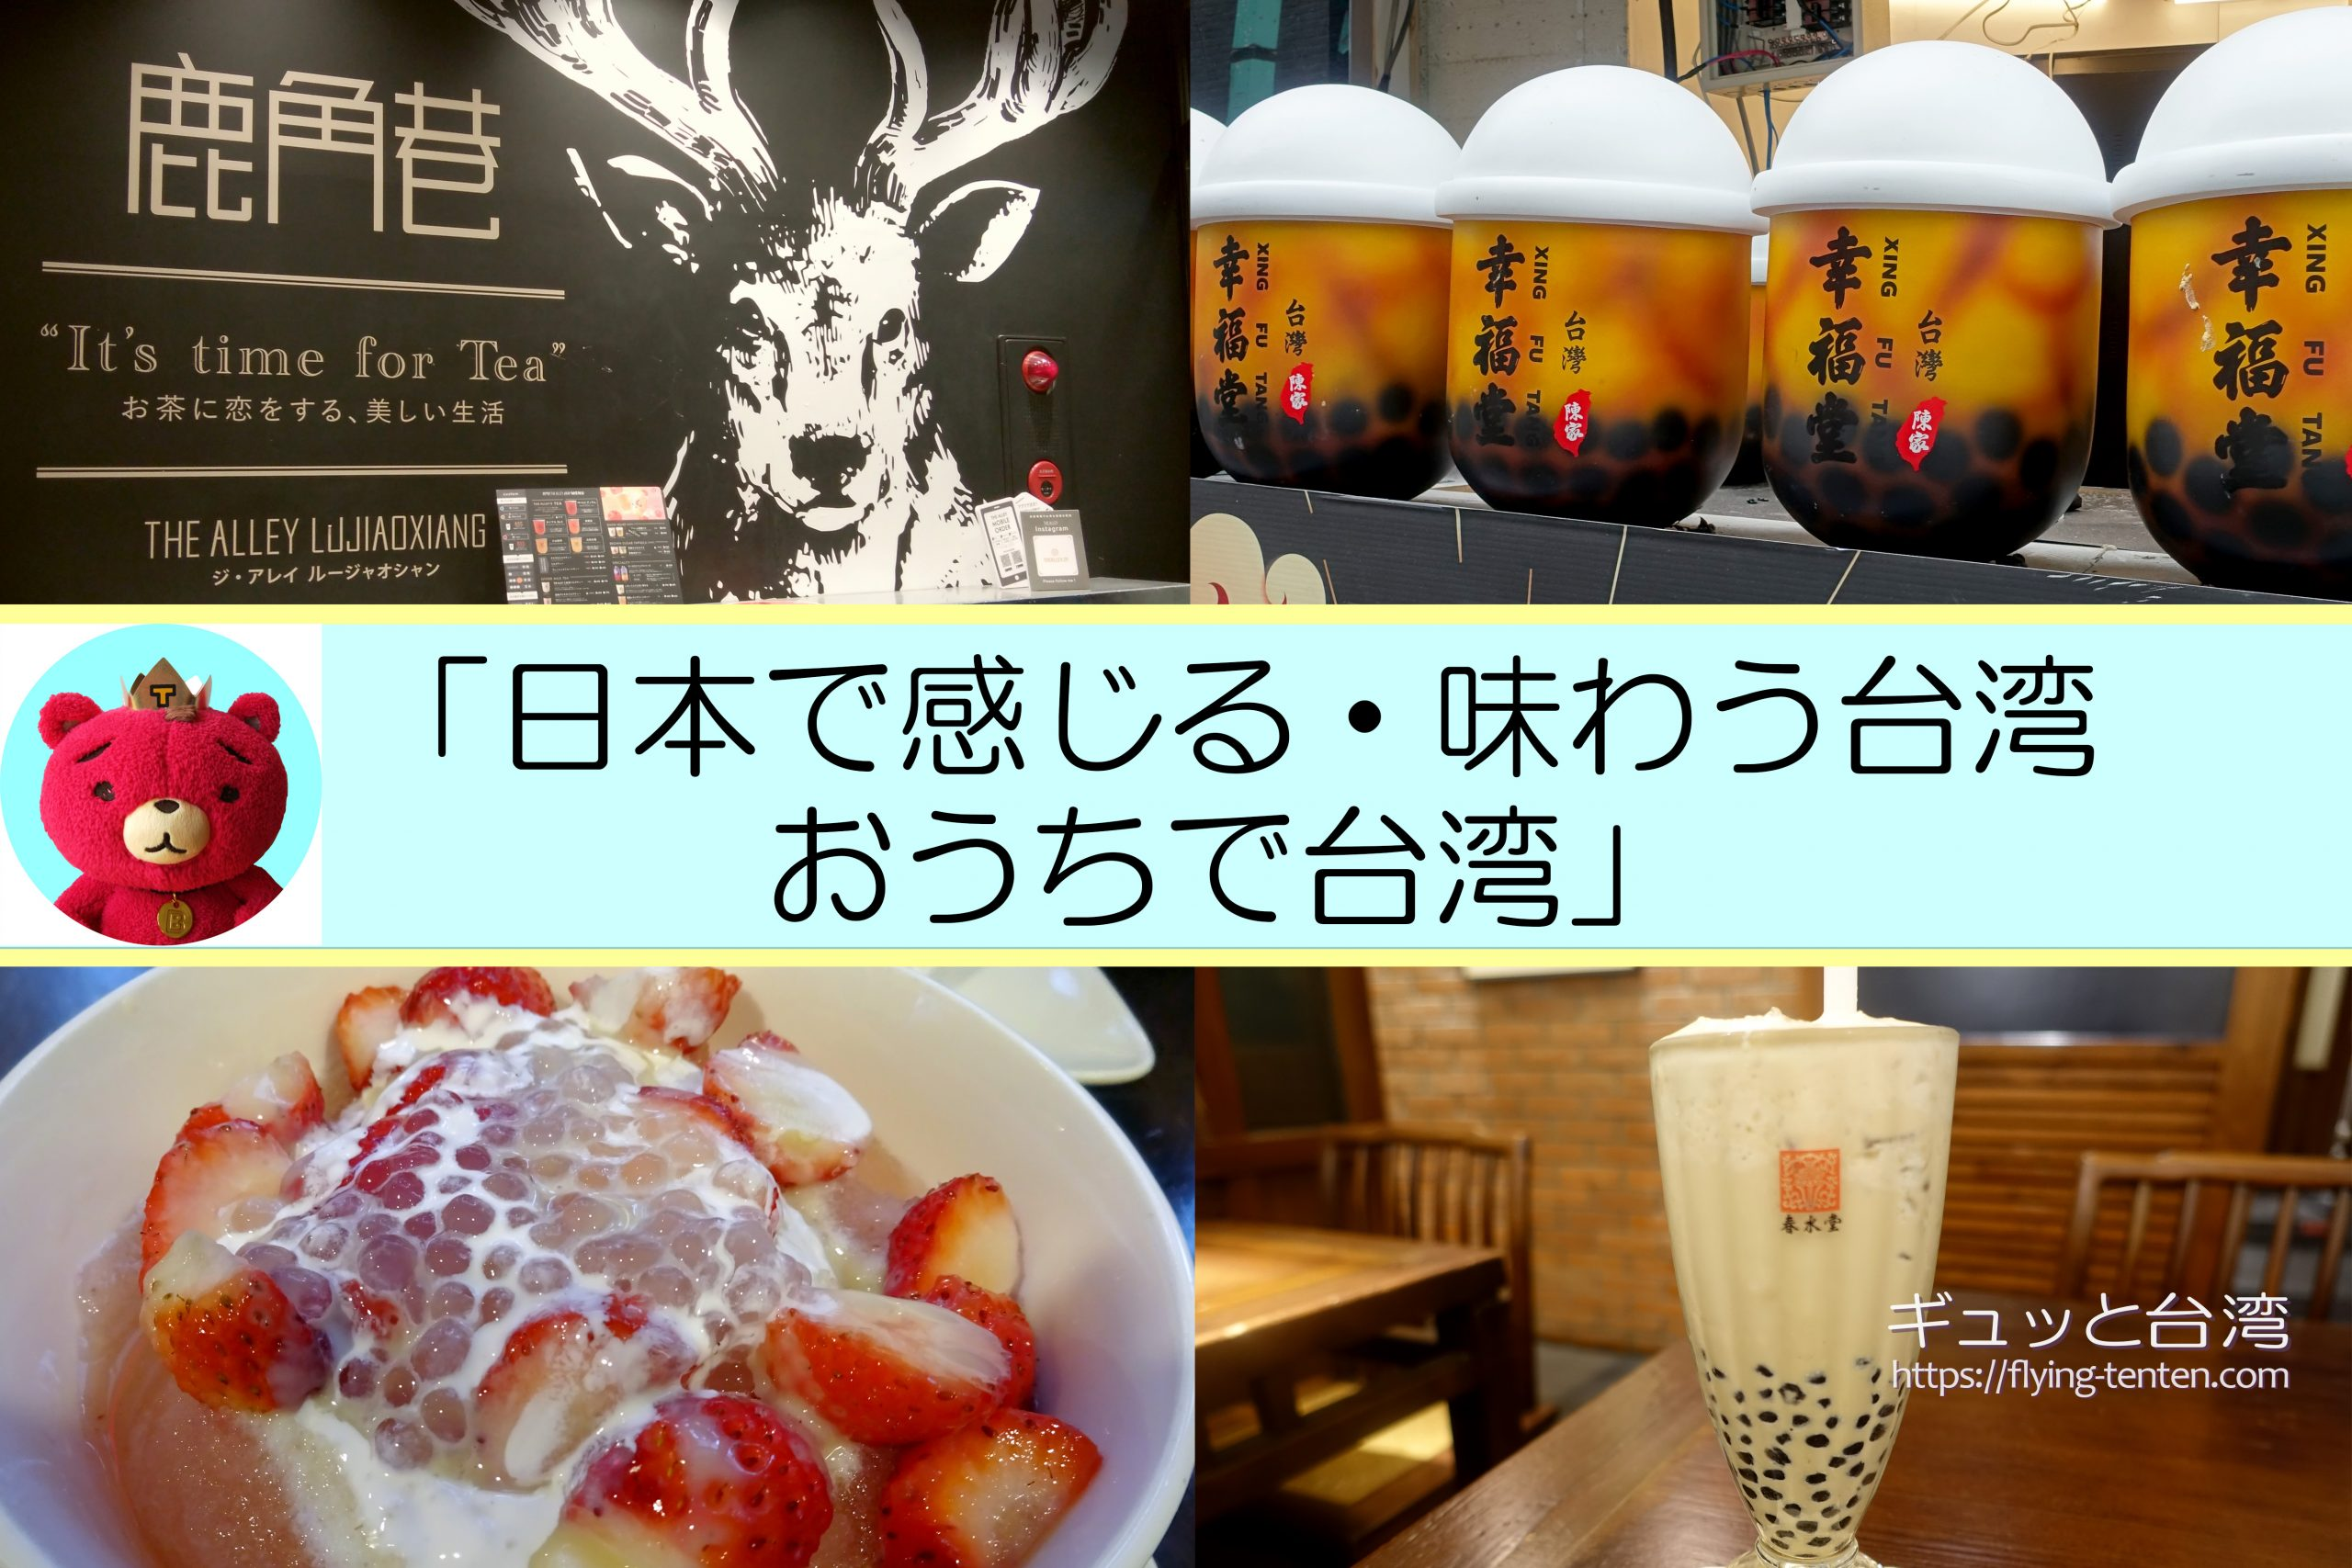 日本で台湾_おうちで台湾